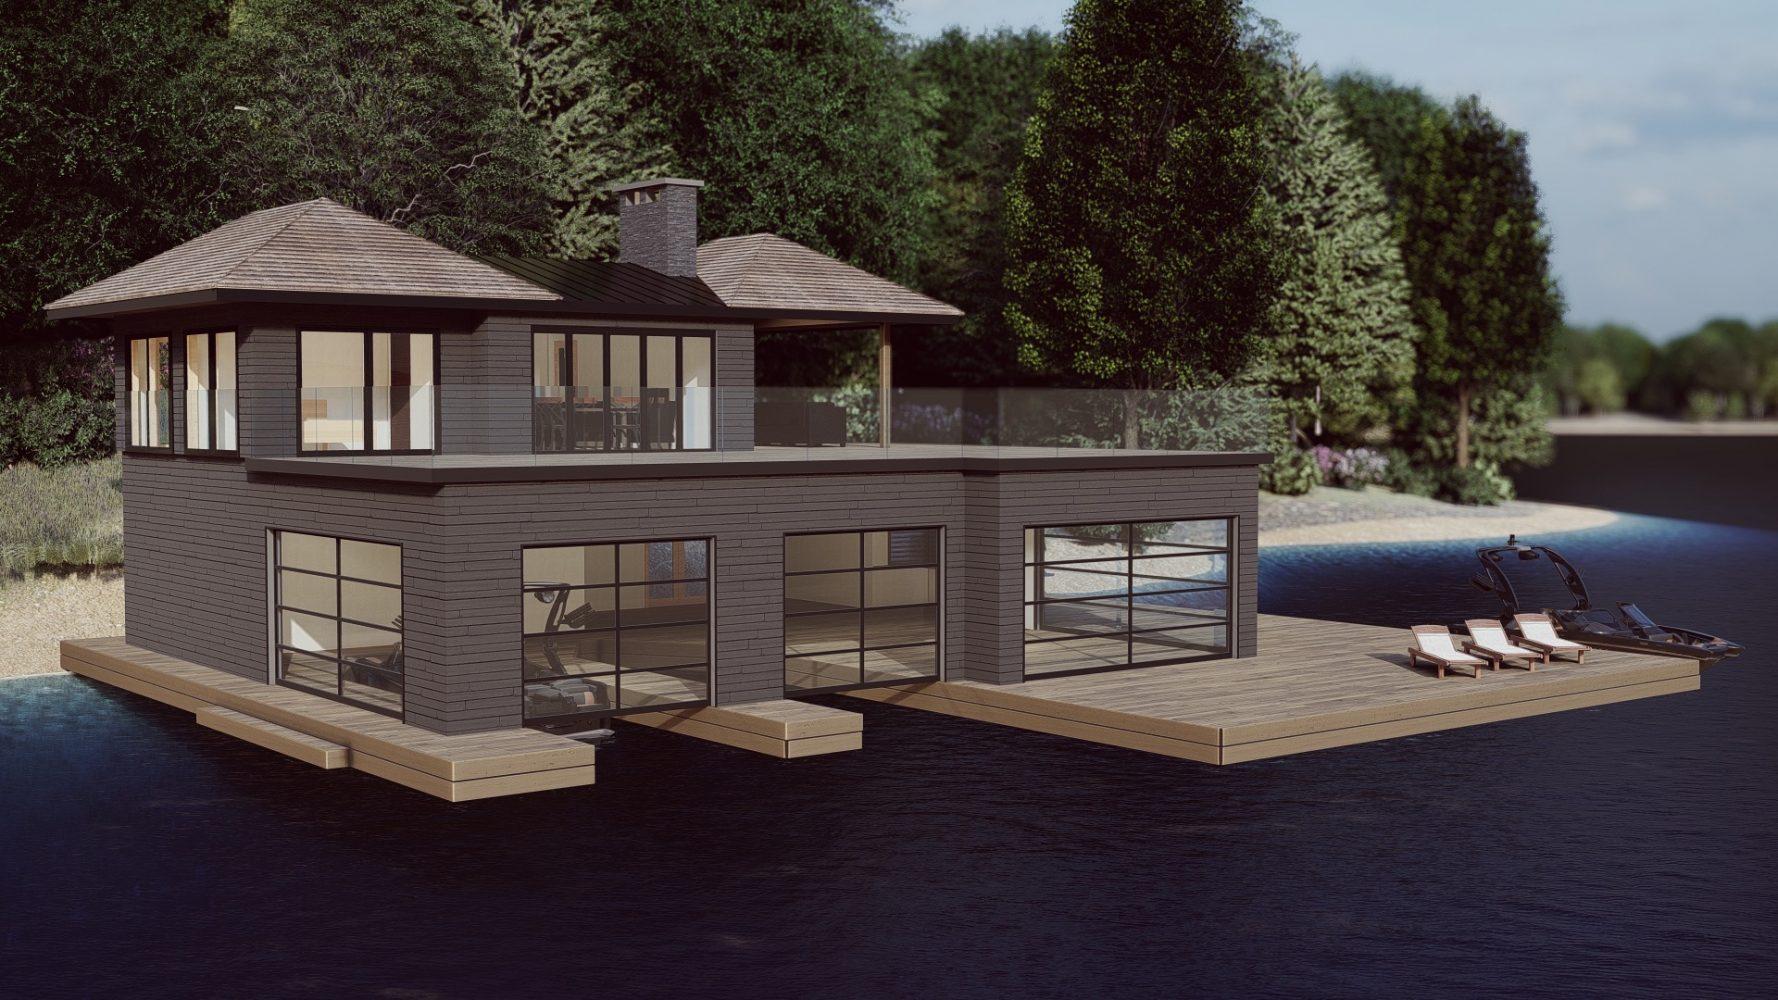 3D Rendering of 2 slip boathouse in Muskoka by PattyMac